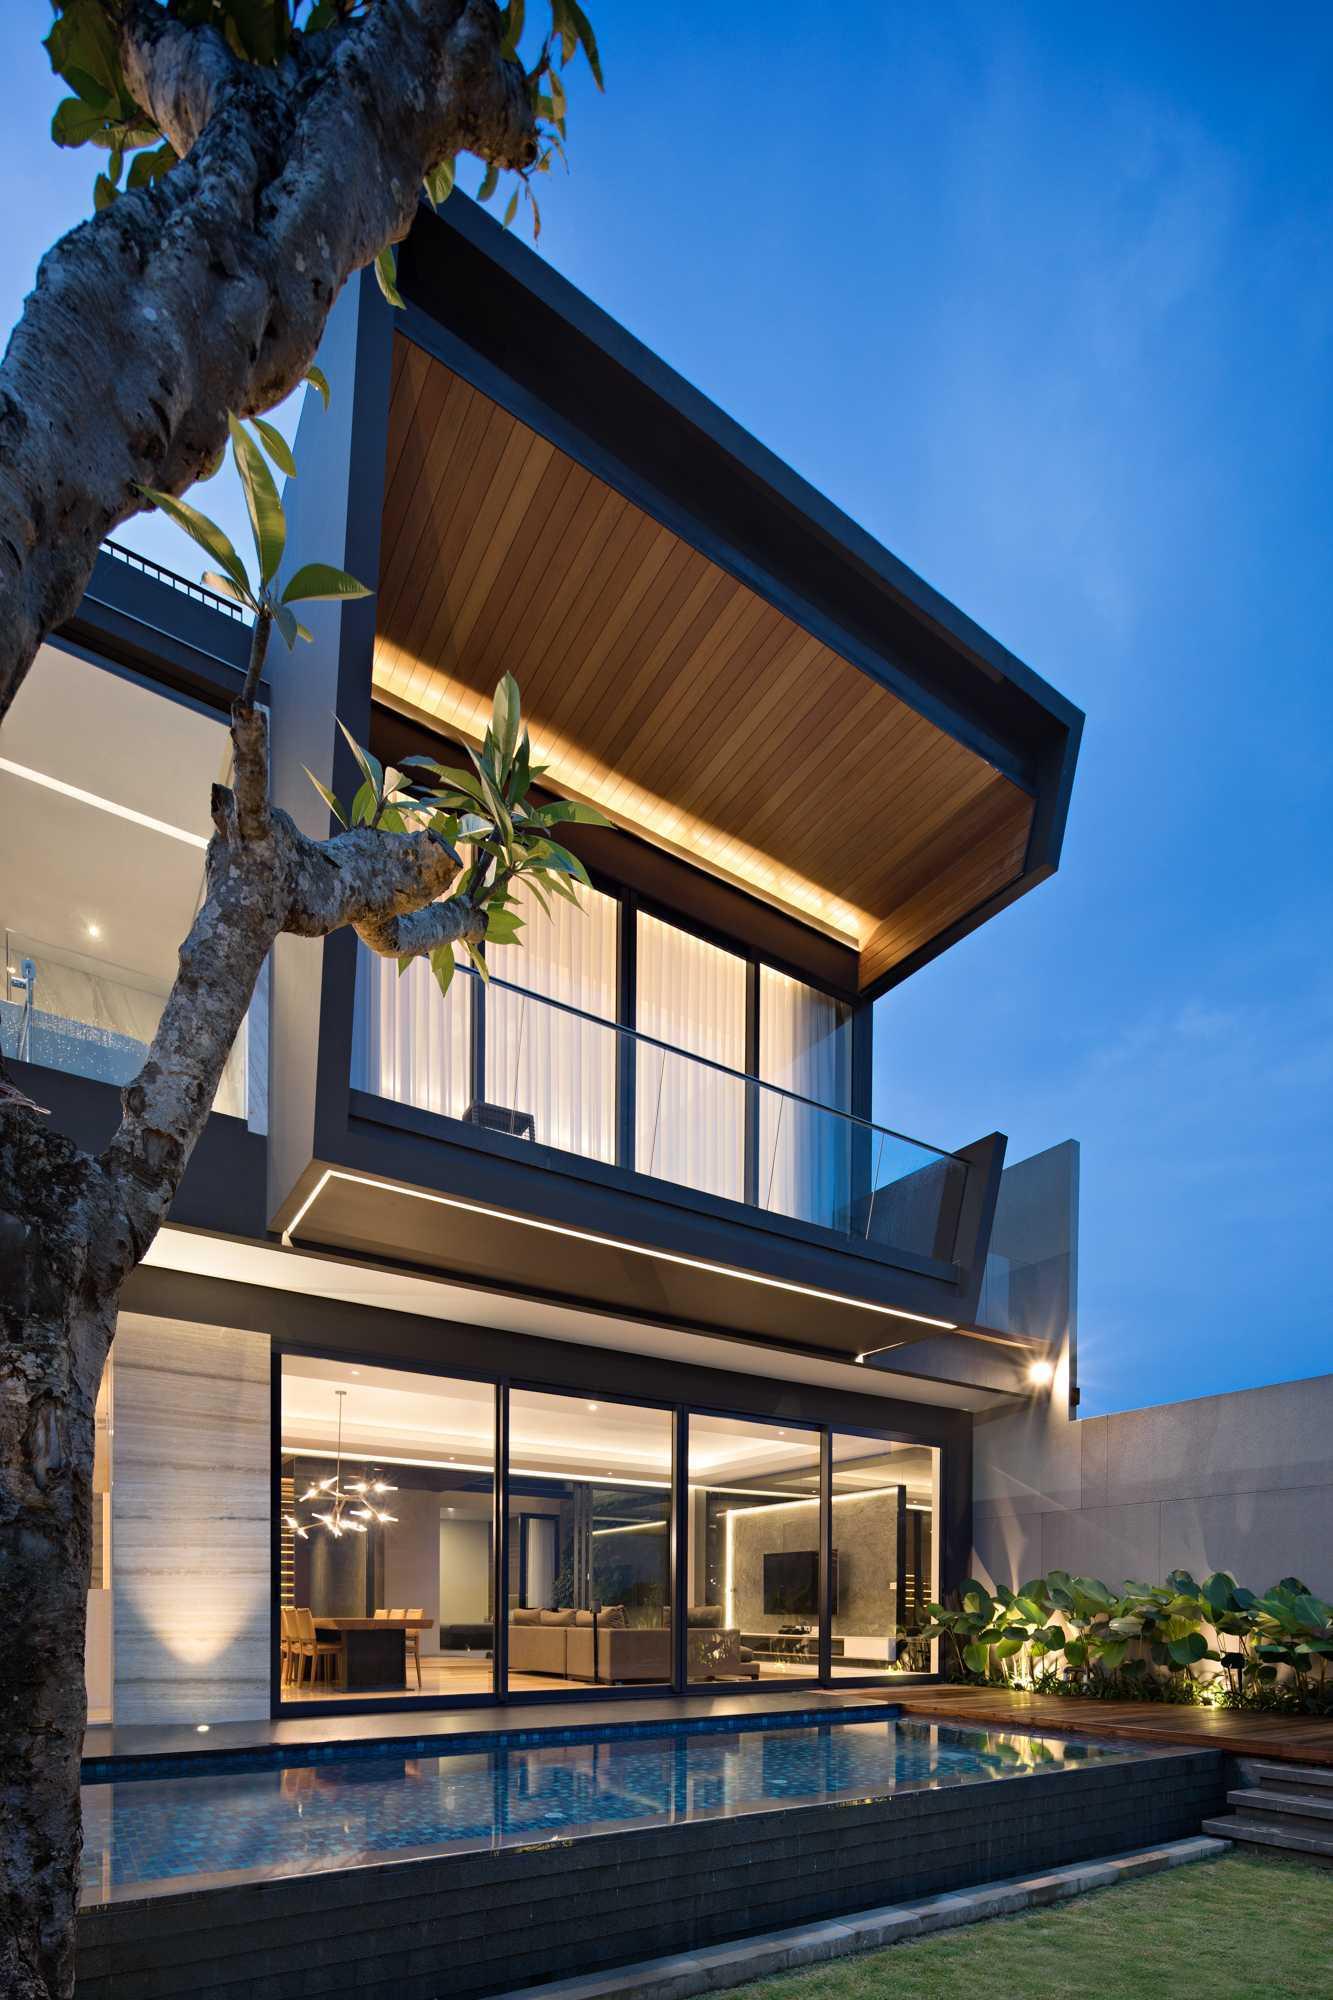 Rakta Studio Pj House Padalarang, Kabupaten Bandung Barat, Jawa Barat, Indonesia Padalarang, Kabupaten Bandung Barat, Jawa Barat, Indonesia Rakta-Studio-Pj-House   68727